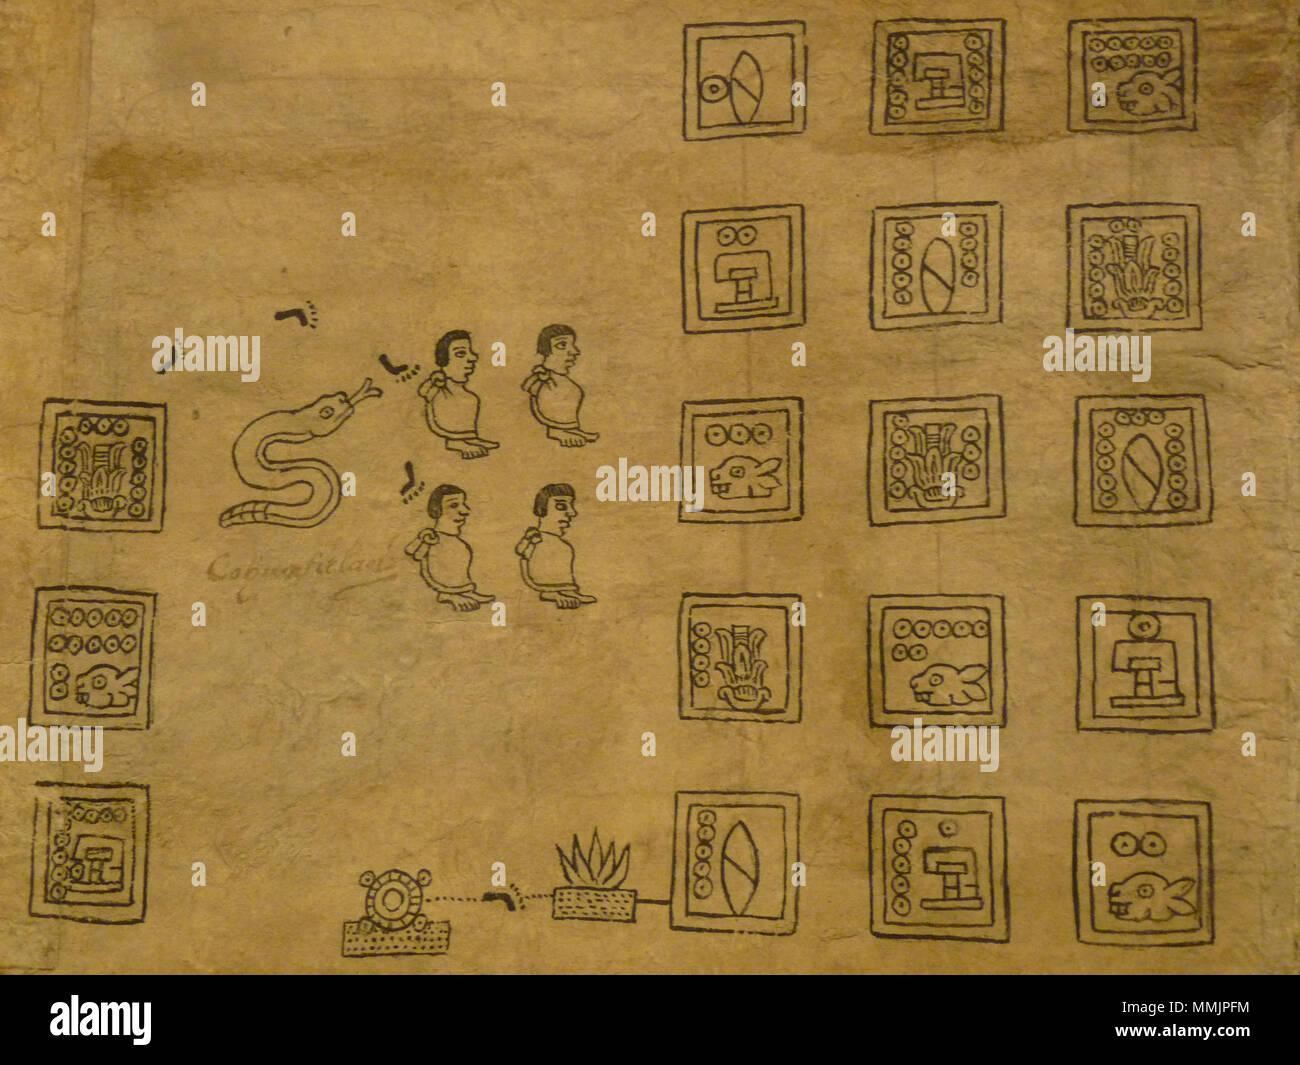 . Codex Boturini (also known as Tira de la peregrinación), folio 13  . First half of 16th century. Unknown (codex) - El Comandante (photographer) 94 Boturini Codex (folio 13) - Stock Image